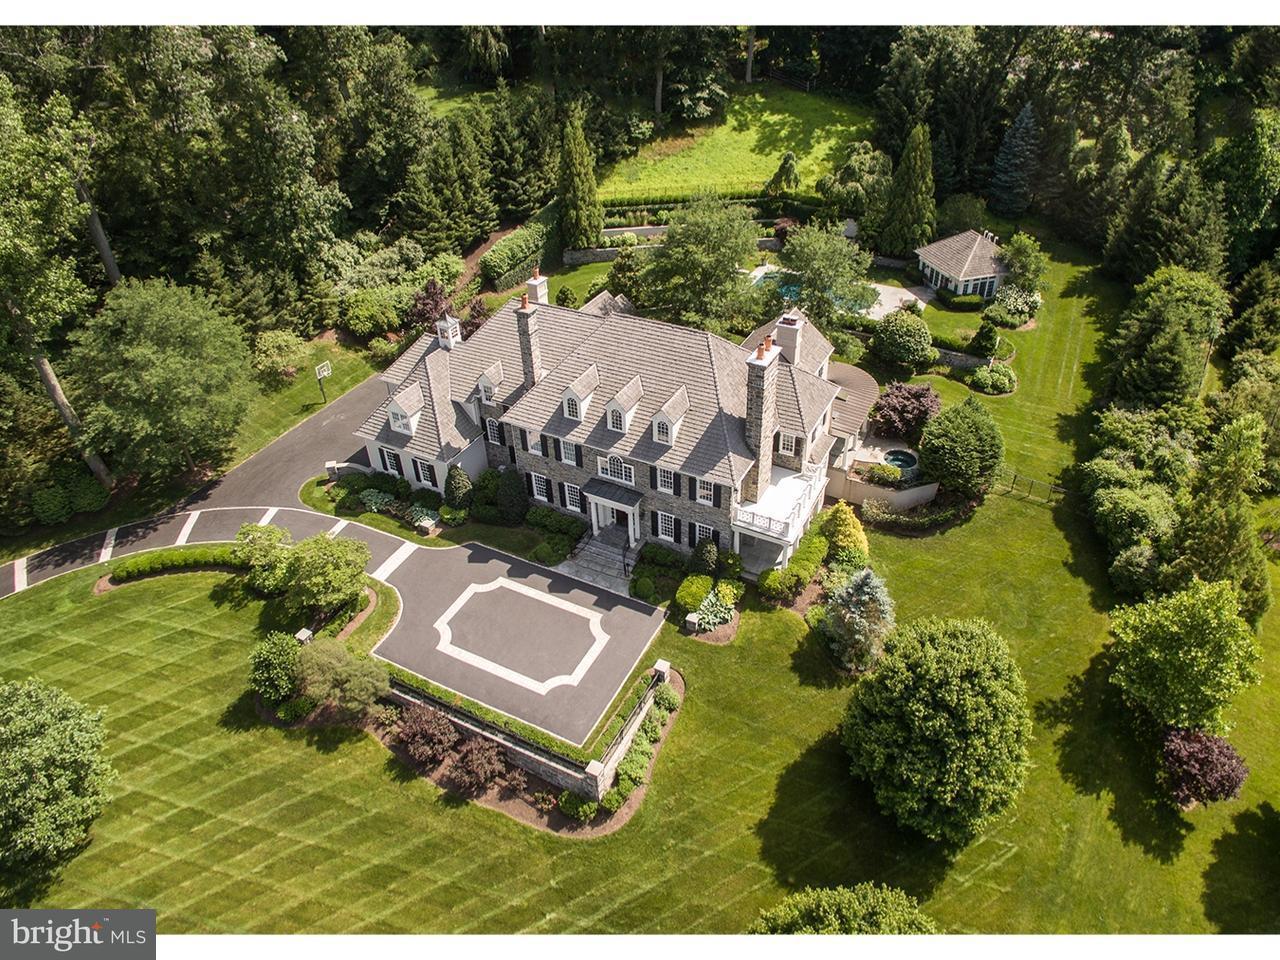 Частный односемейный дом для того Продажа на 103 MILL VIEW Lane Newtown Square, Пенсильвания 19073 Соединенные Штаты